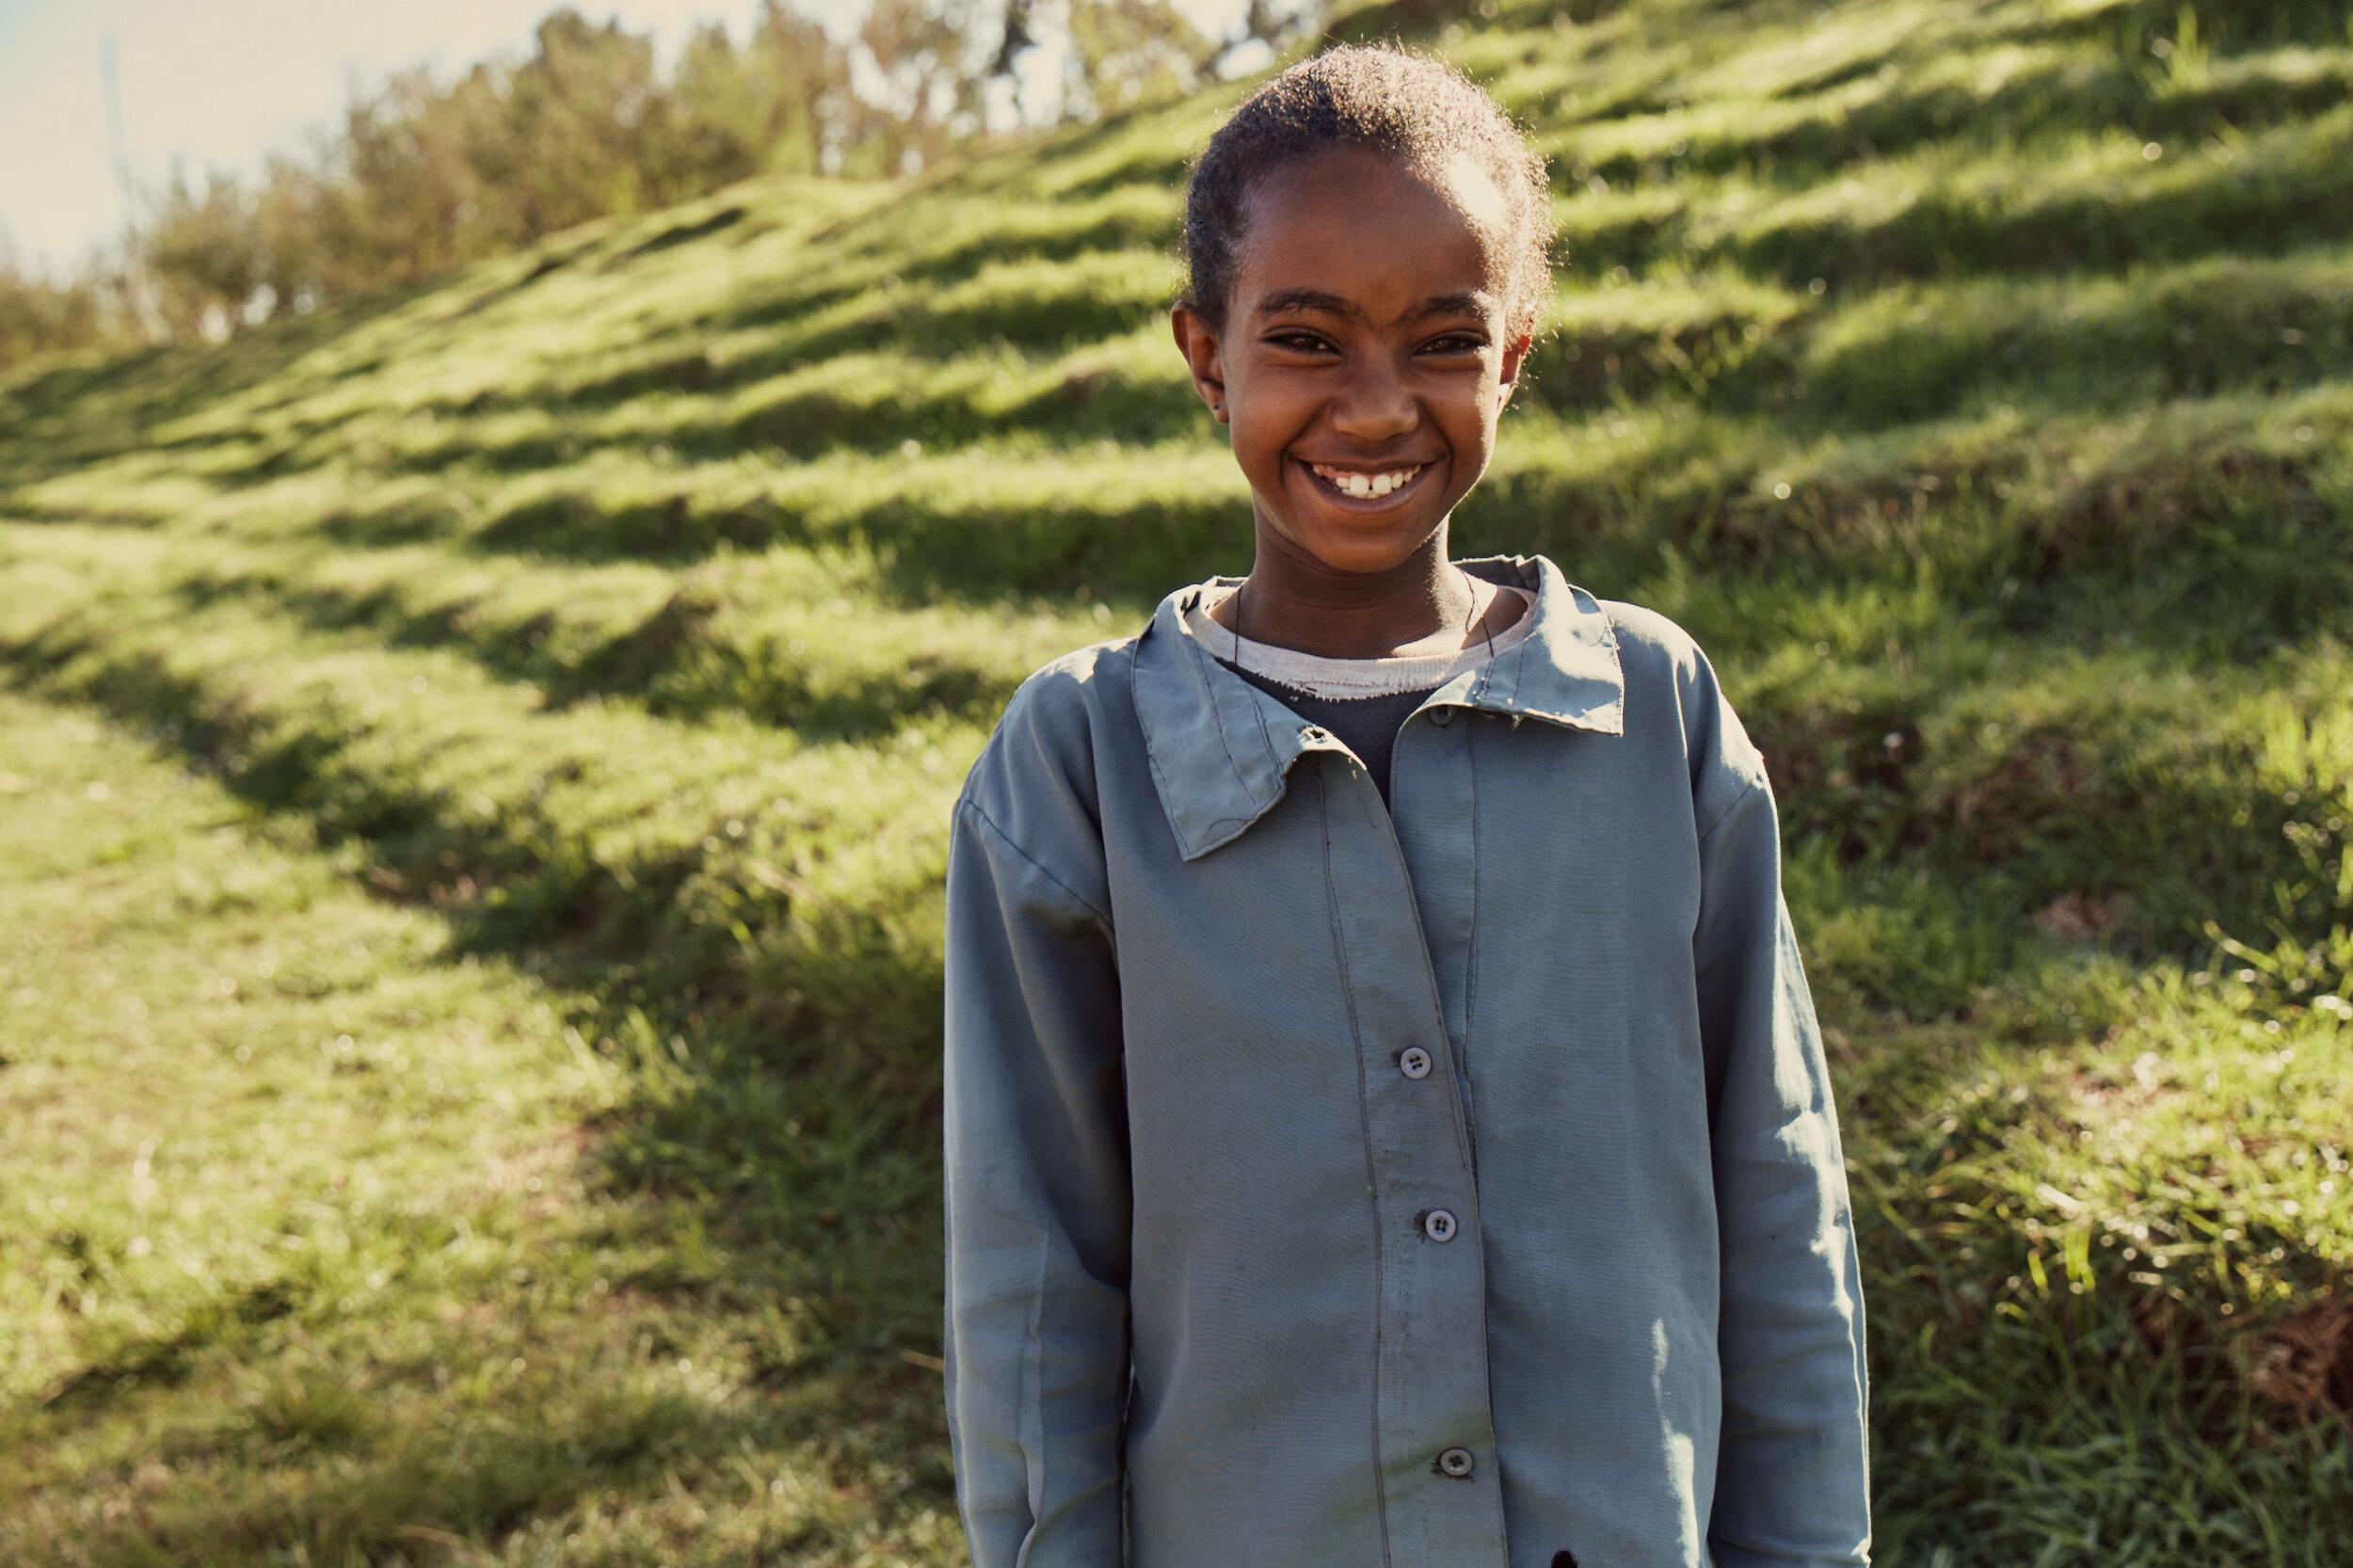 Help Ethiopian girls get educated